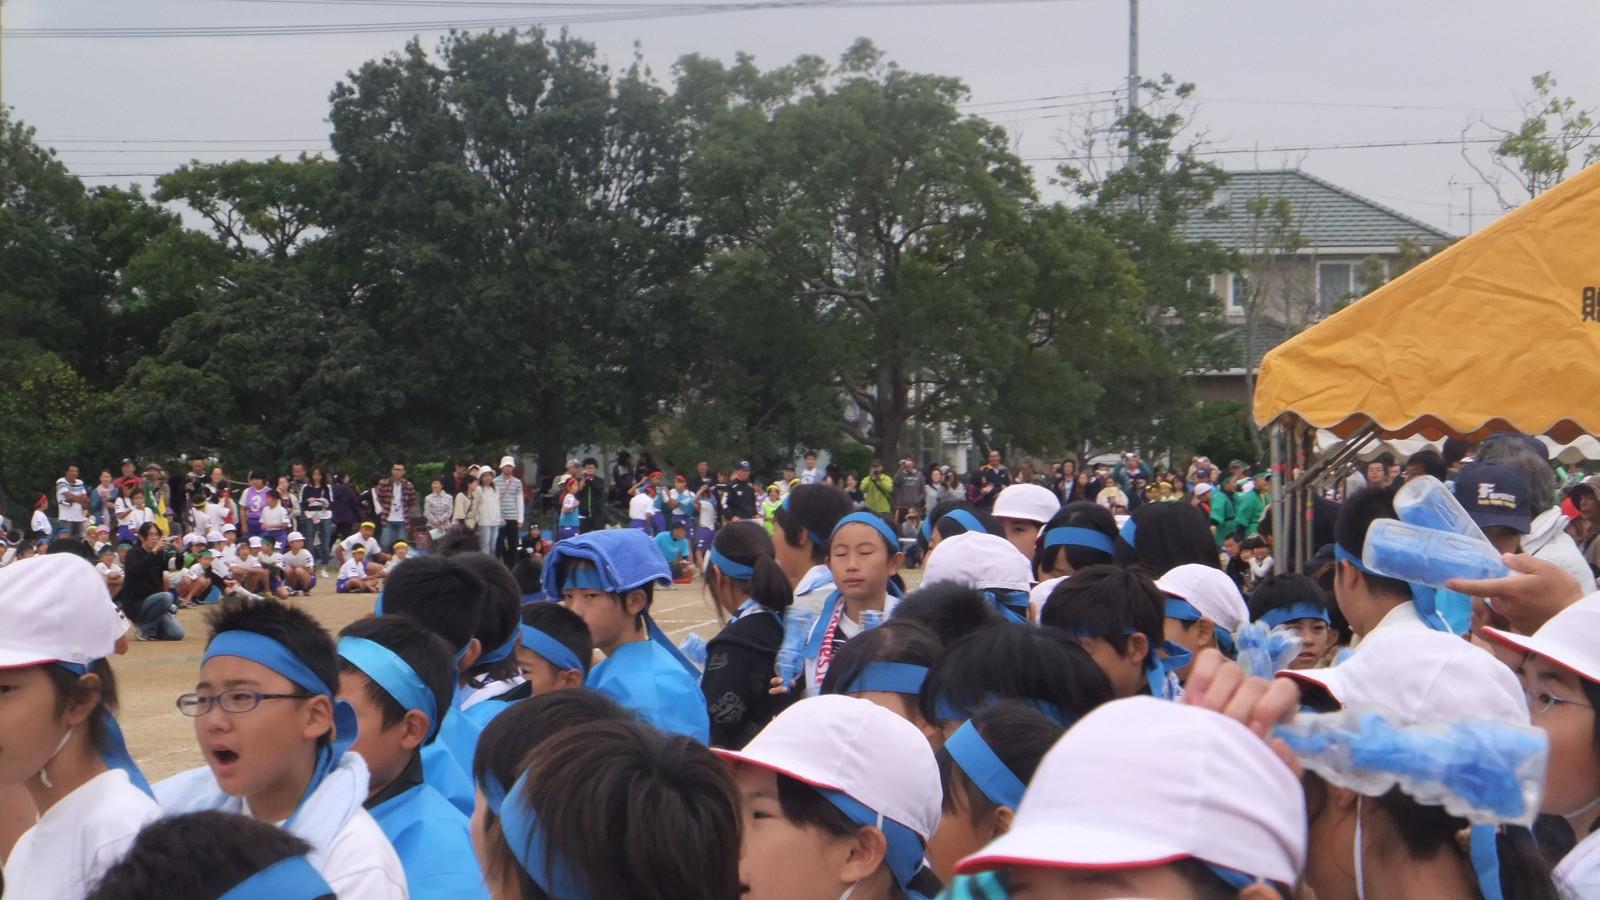 Dscf8998